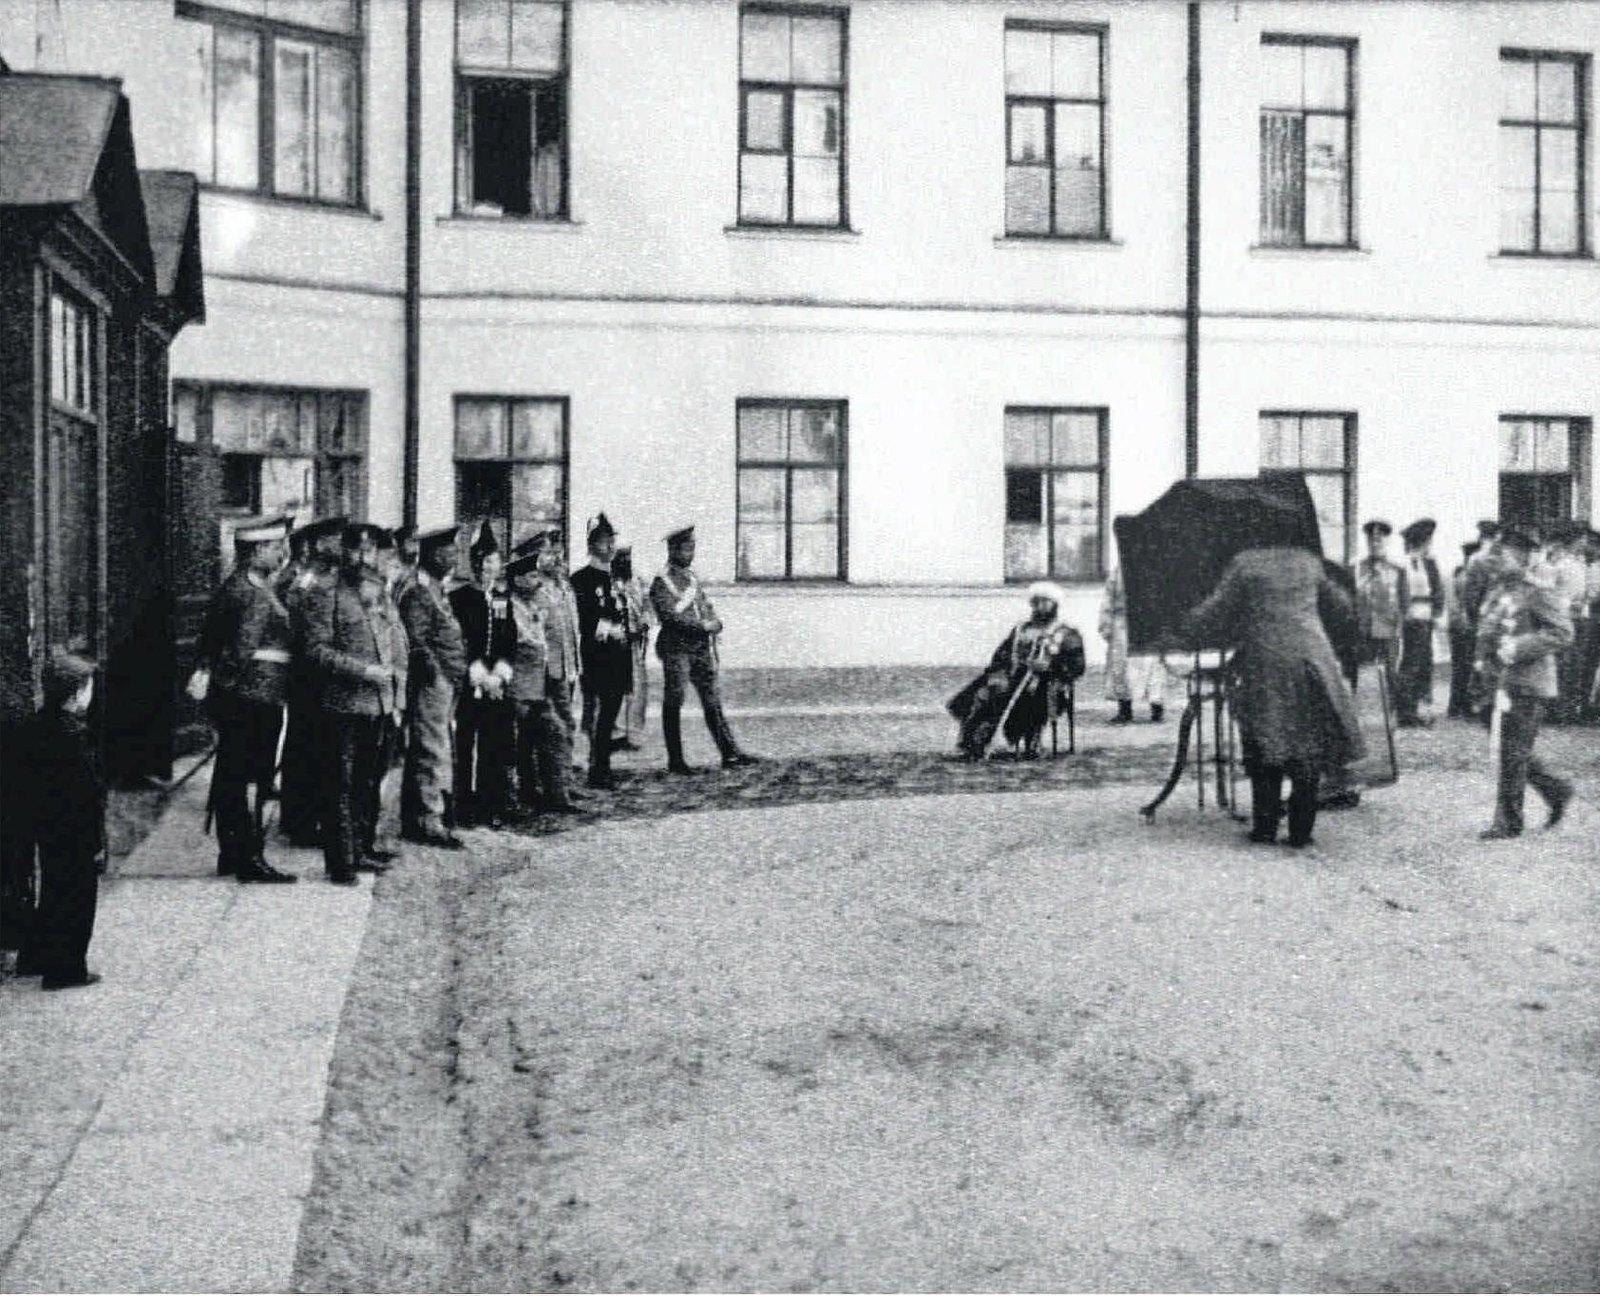 1911. Фотограф снимает Саида Алима Эмира Бухарского во внутреннем дворе морского корпуса